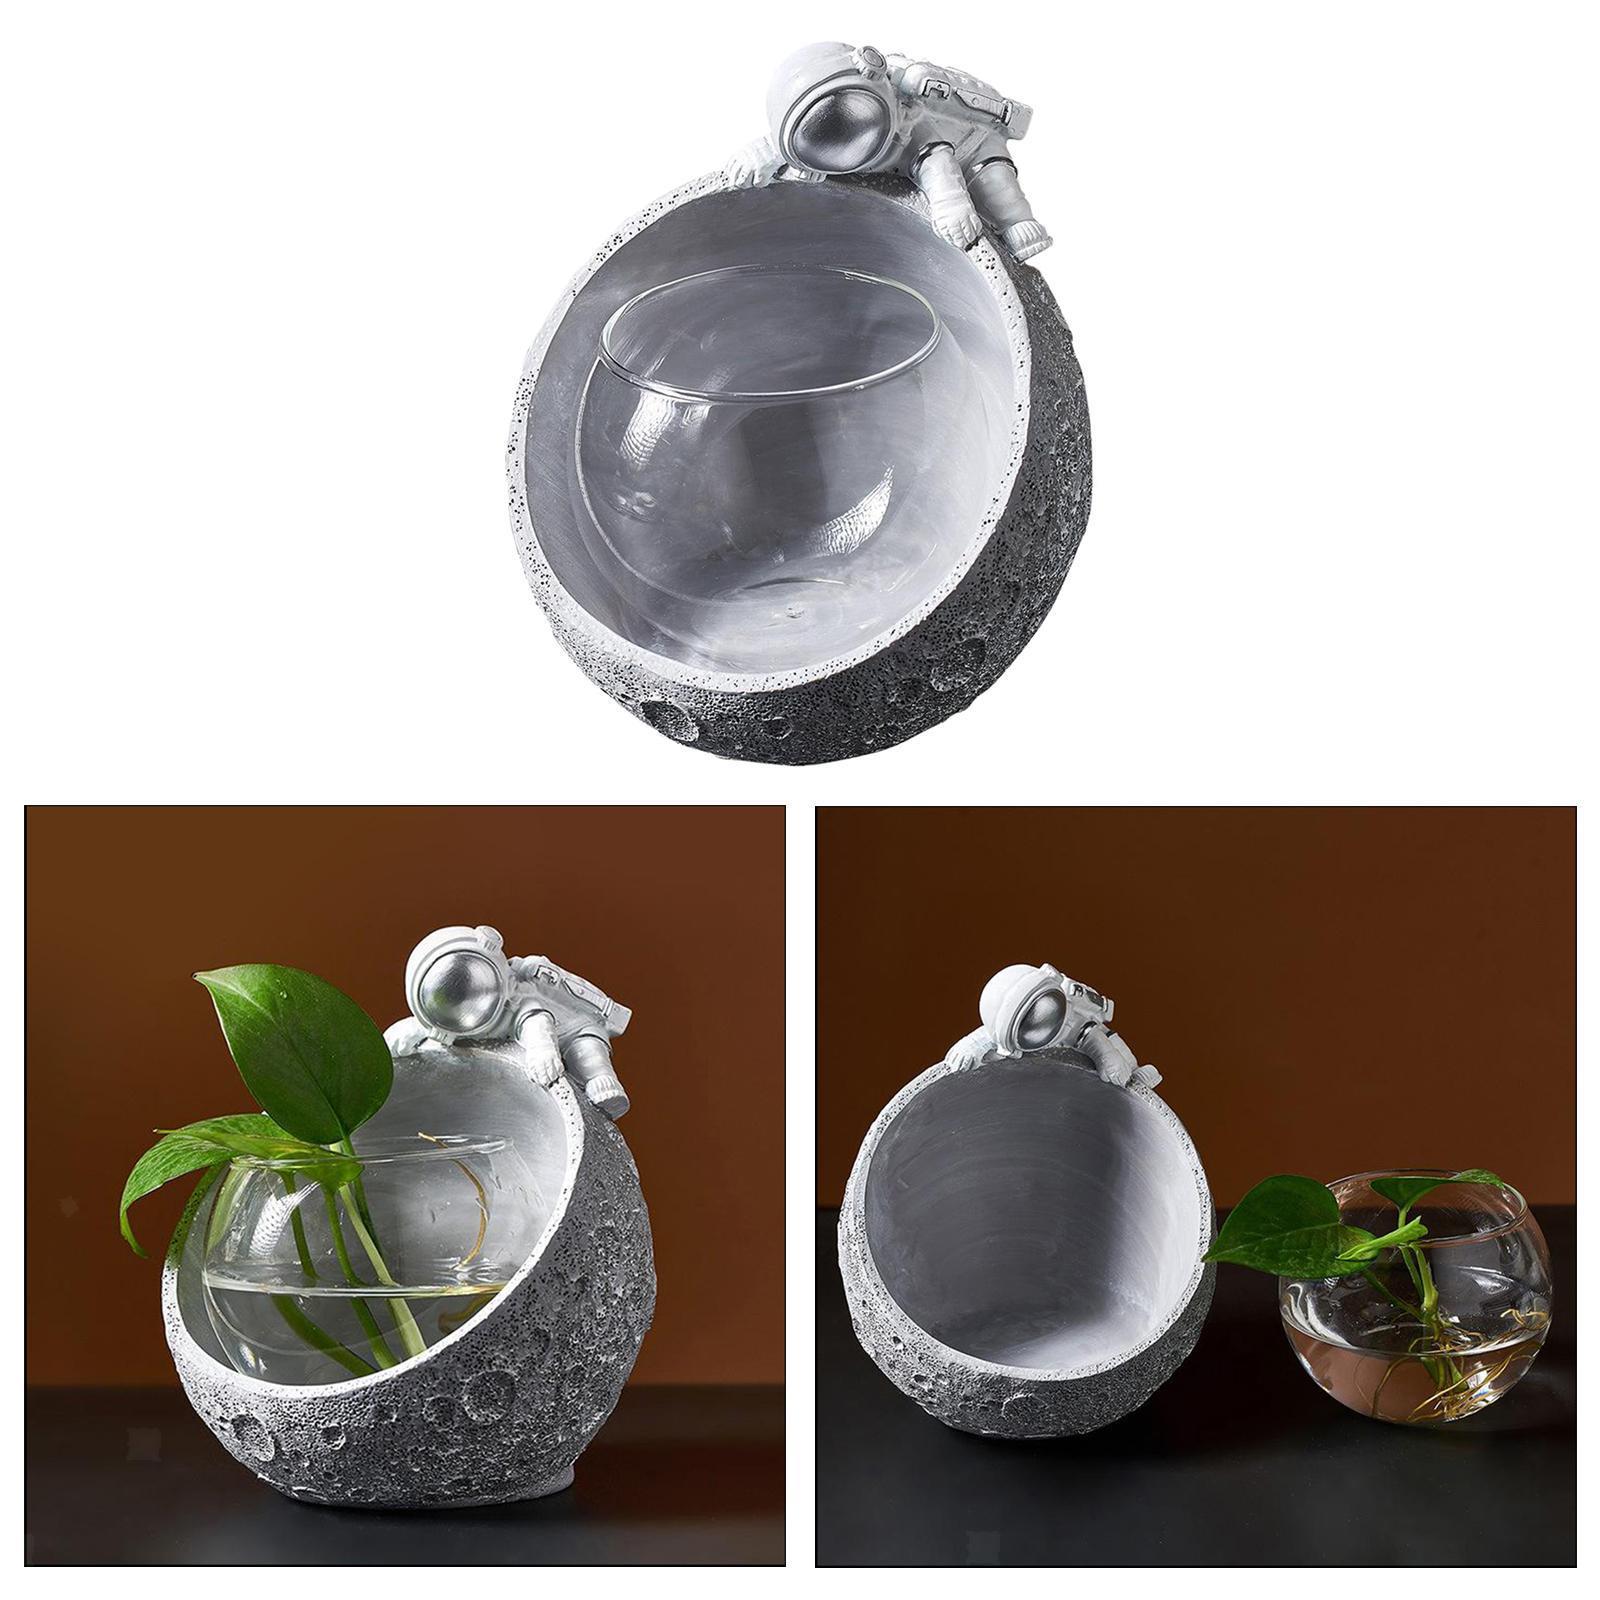 Indexbild 6 - Glas Pflanzgefäße Tisch Pflanzgefäße Runde Glasvase Blumentöpfe